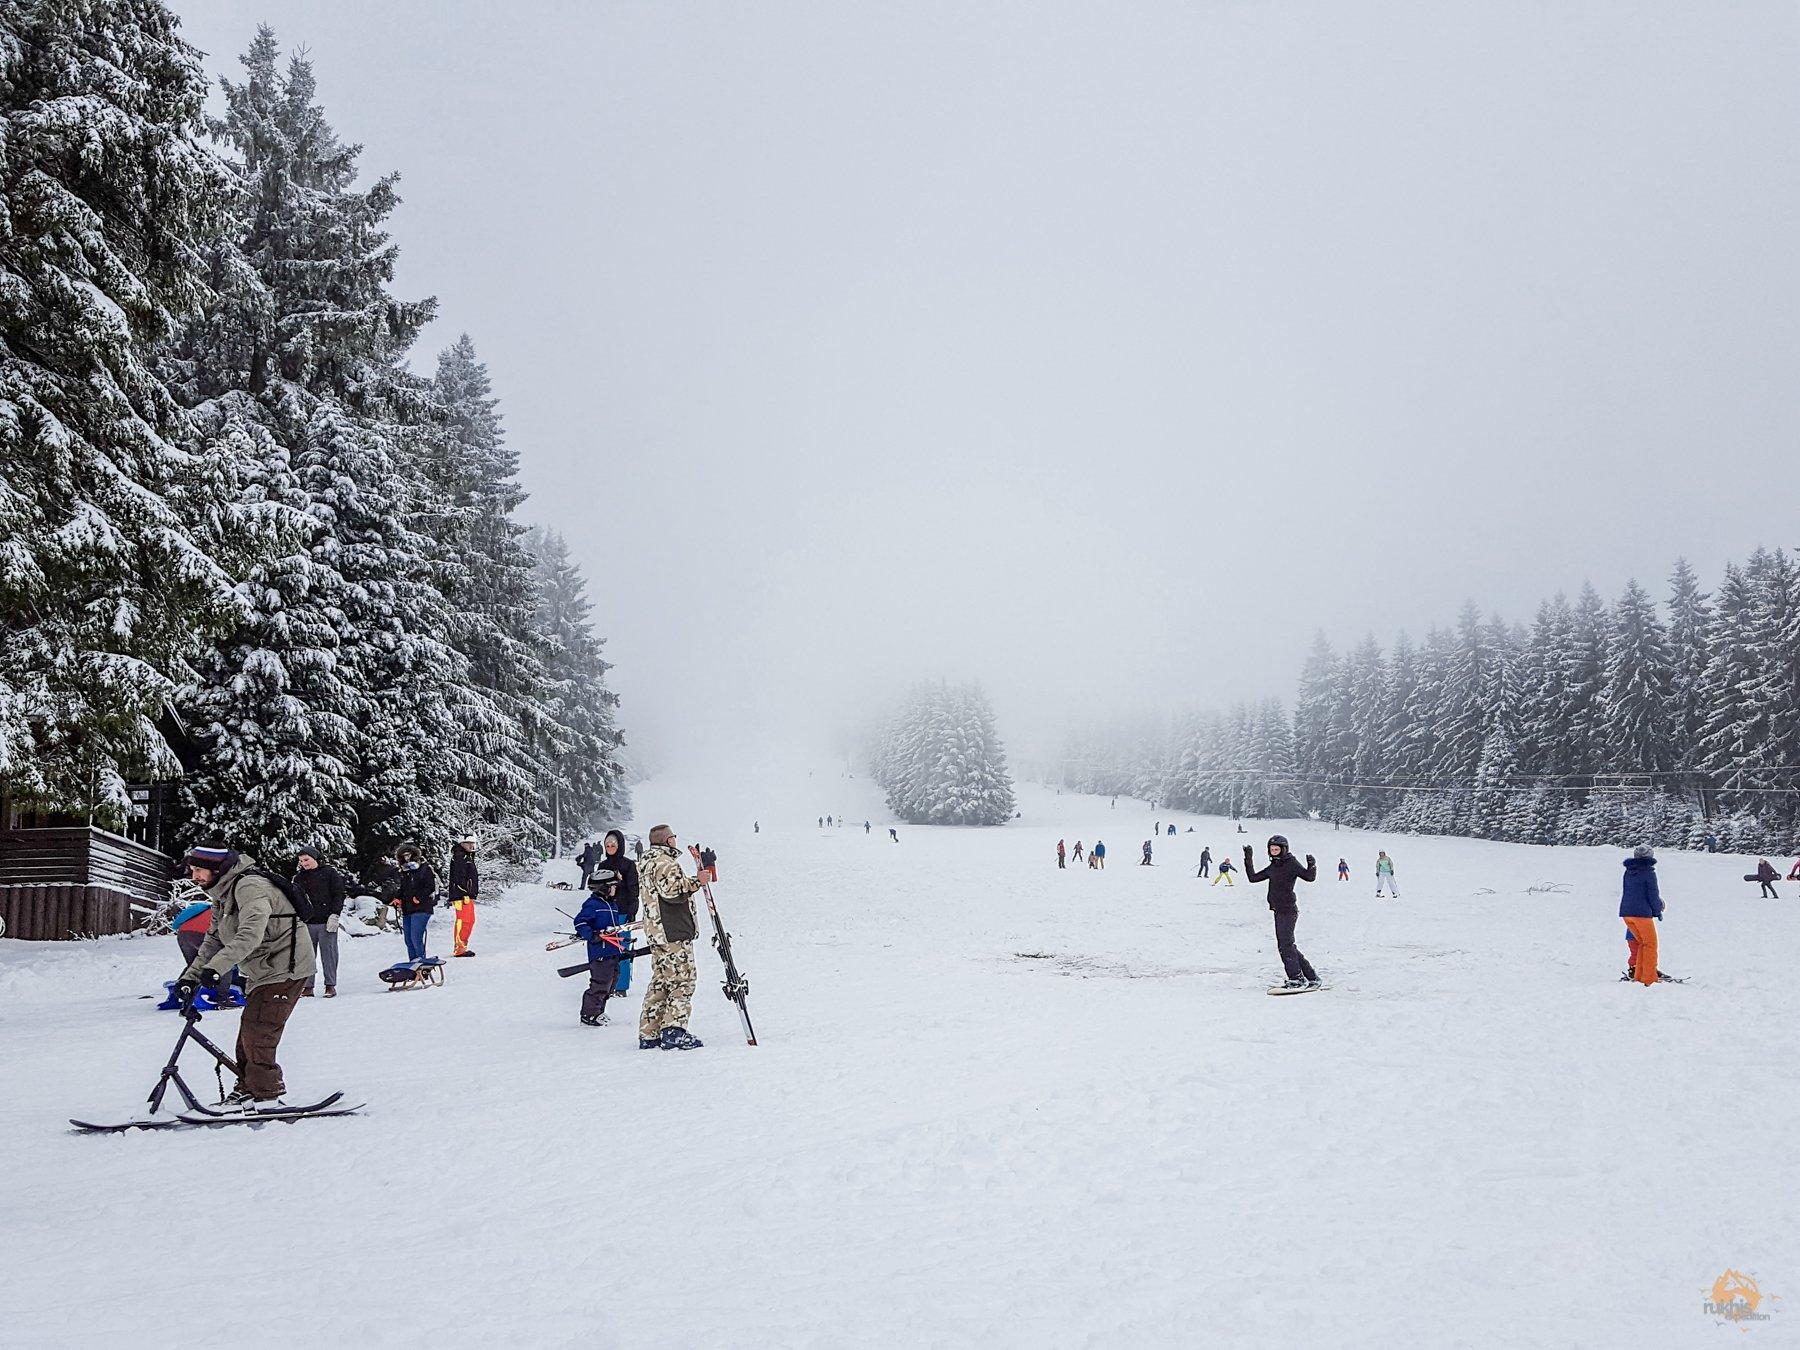 diesiger Nebel auf der Piste am Erbeskopf - Hunsrück-Hochwald - Rheinland Pfalz